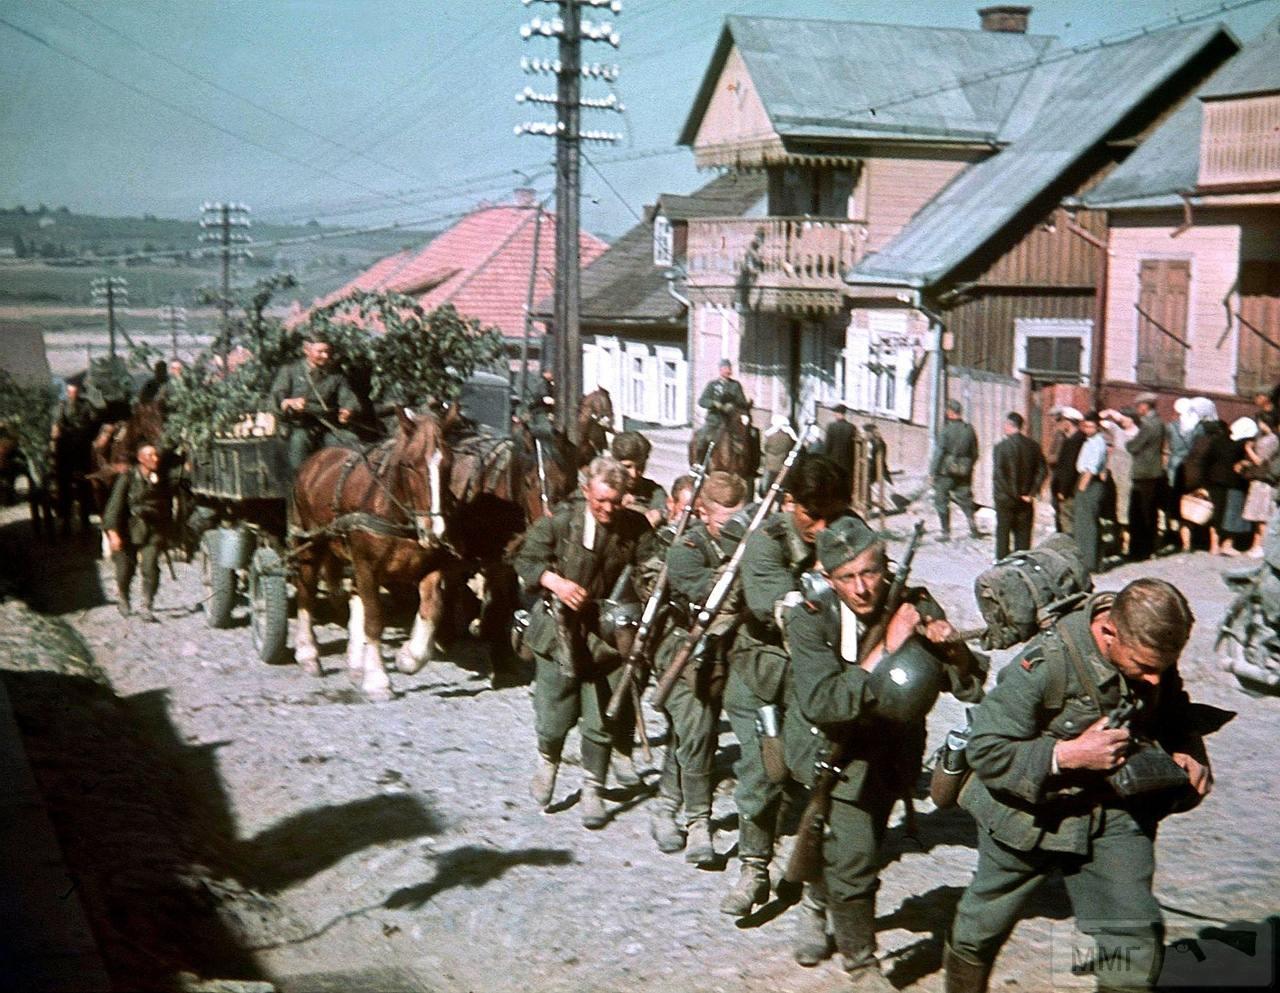 83544 - Военное фото 1941-1945 г.г. Восточный фронт.